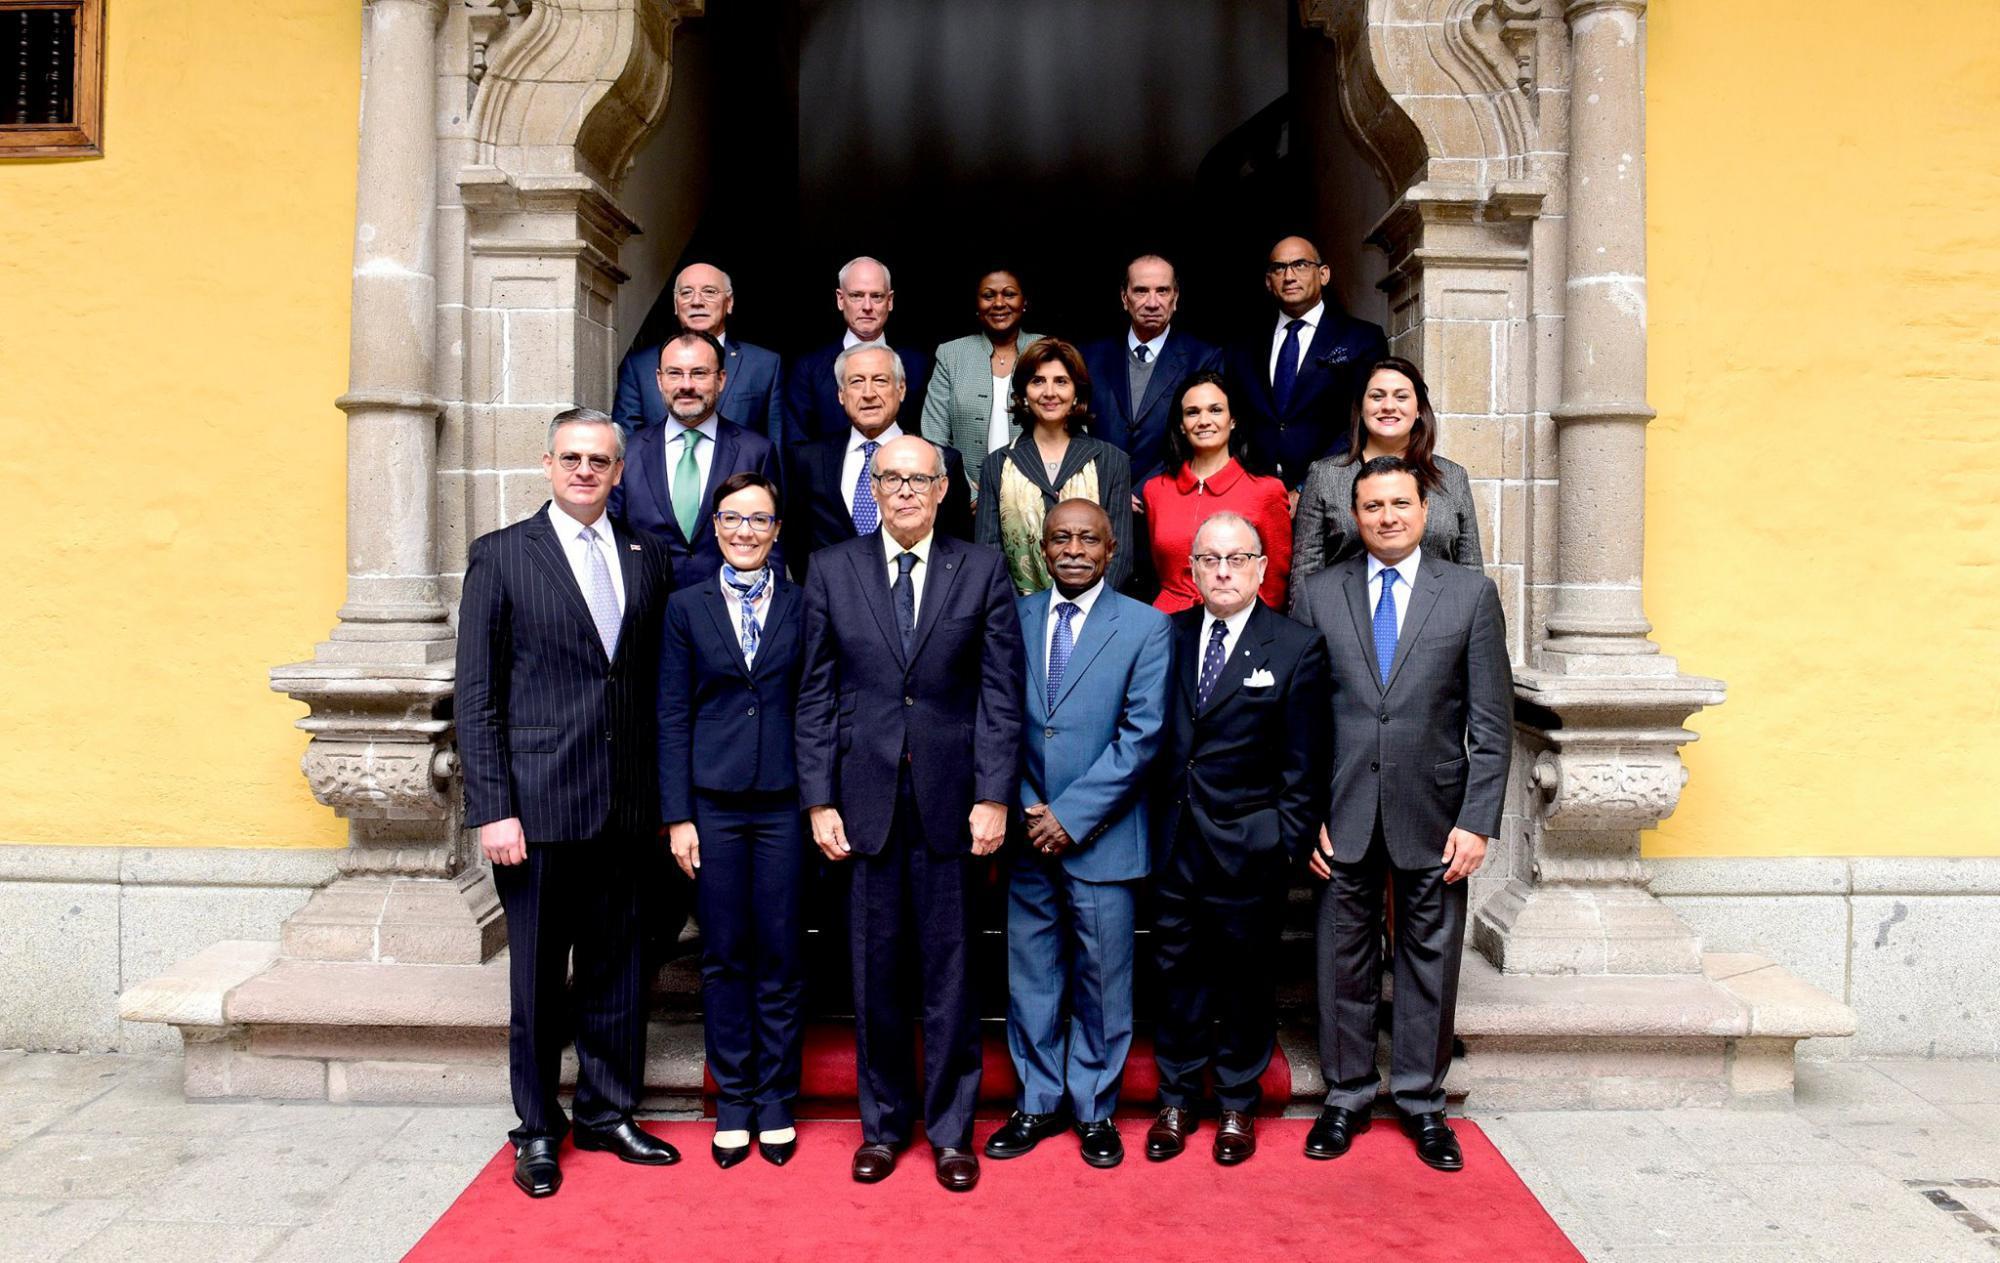 """Perú convocó a 17 países de América para debatir la """"crítica situación"""" de Venezuela / Foto: Gobierno de Perú"""